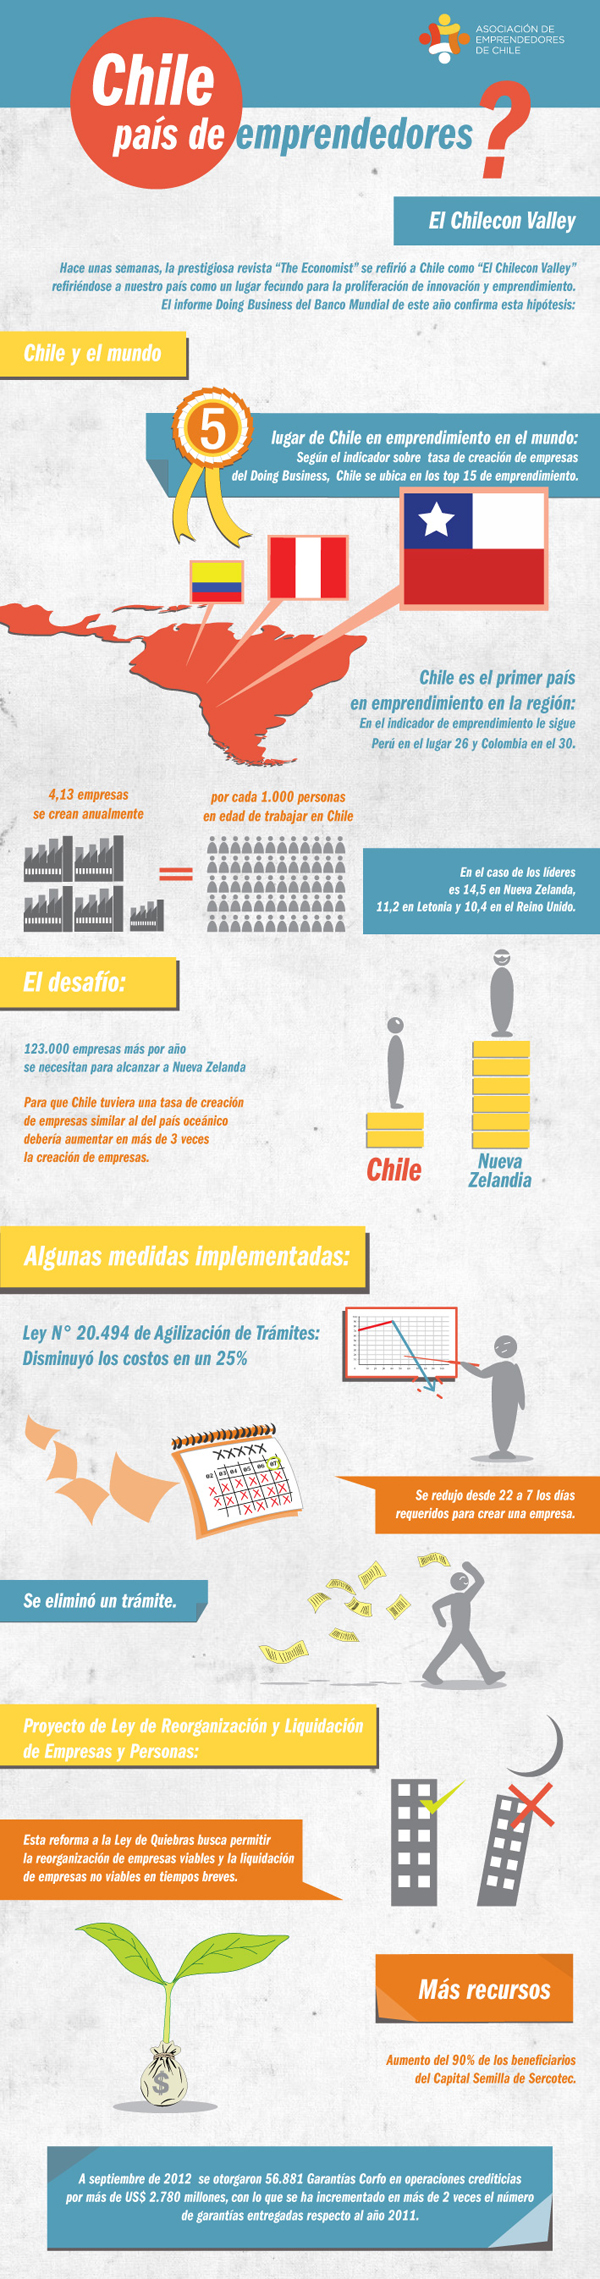 Chile, un país de emprendedores